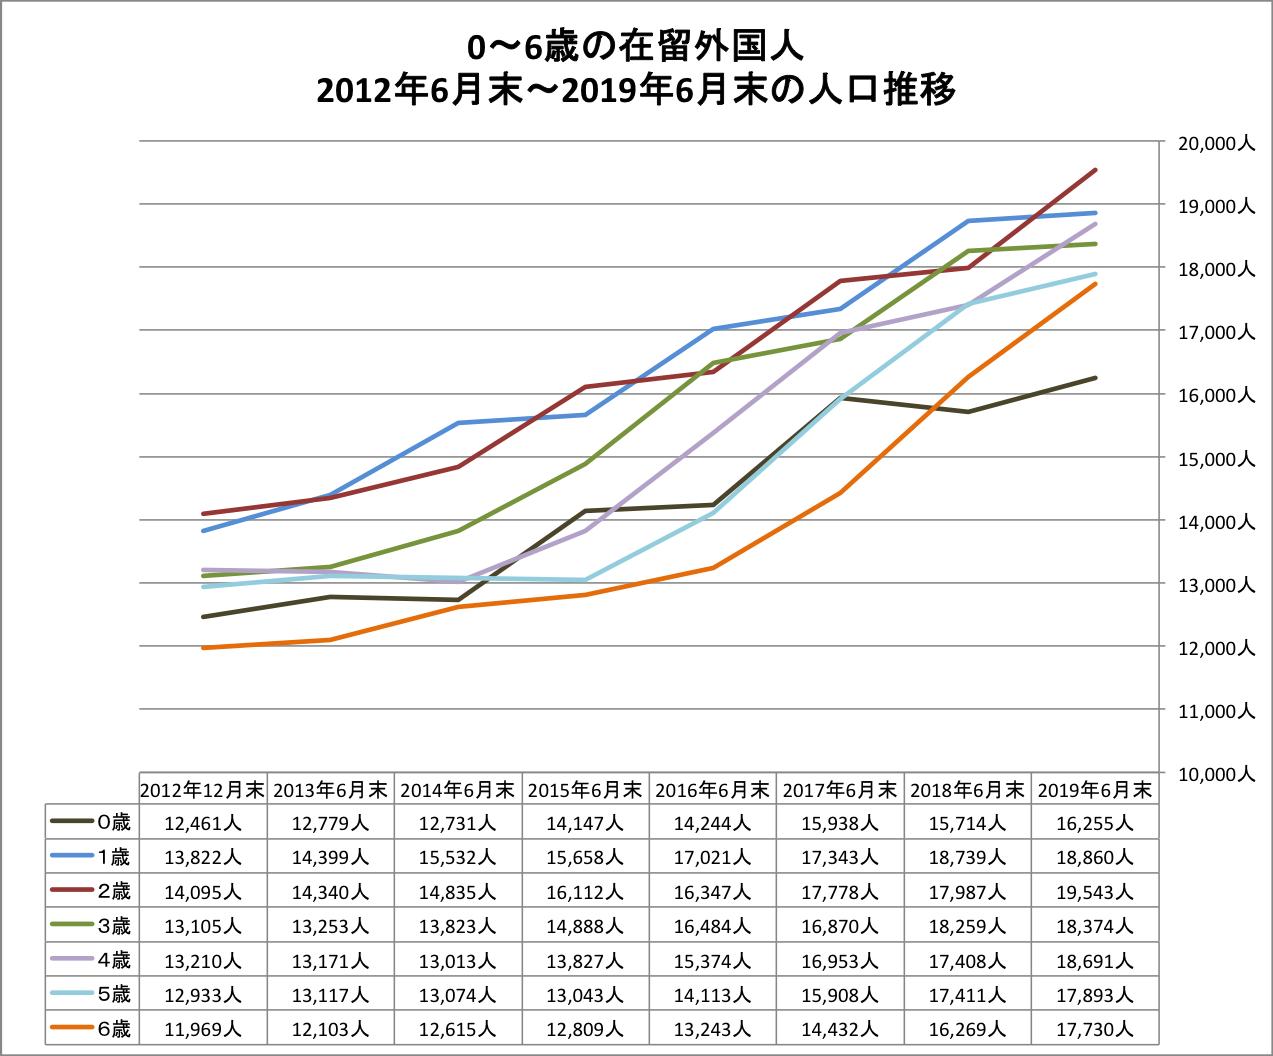 グラフ 0〜6歳外国人 人口推移